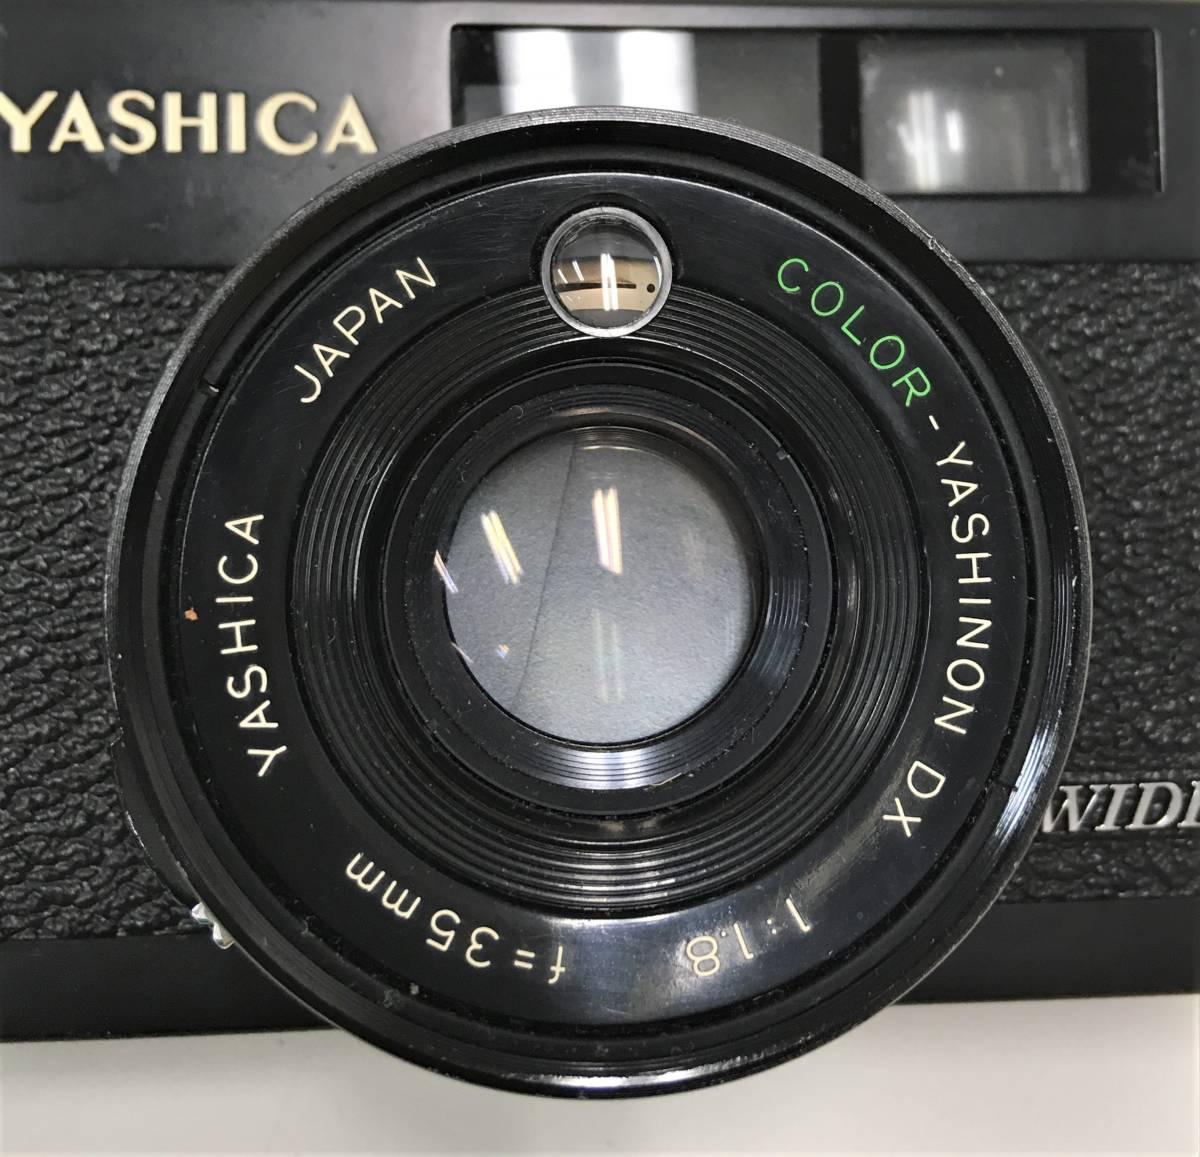 カメラ【ヤシカ YASHICA WIDE ELECTRO35 CCN ヤシノンDX F=35mm 1:1.8】シャッターOK/A5808_画像7